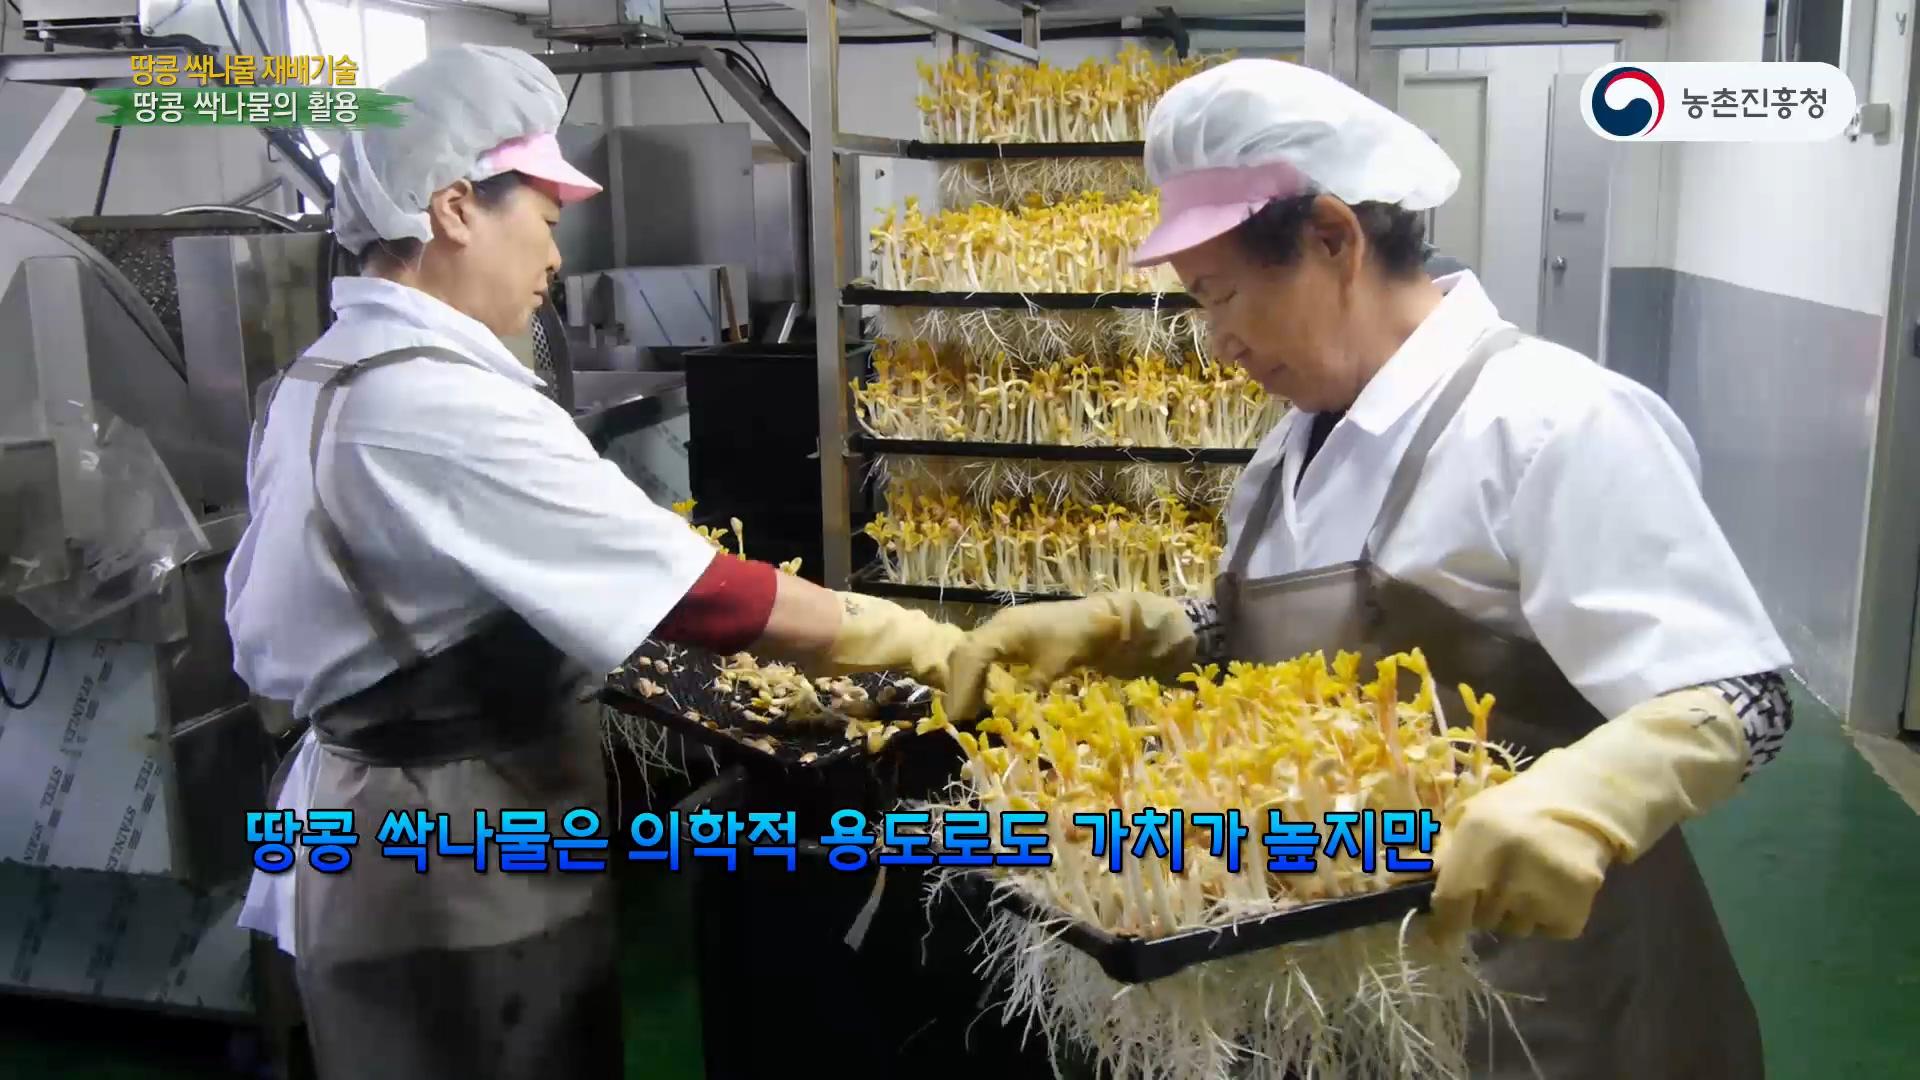 동영상 썸네일 이미지 :땅콩 싹나물 재배기술